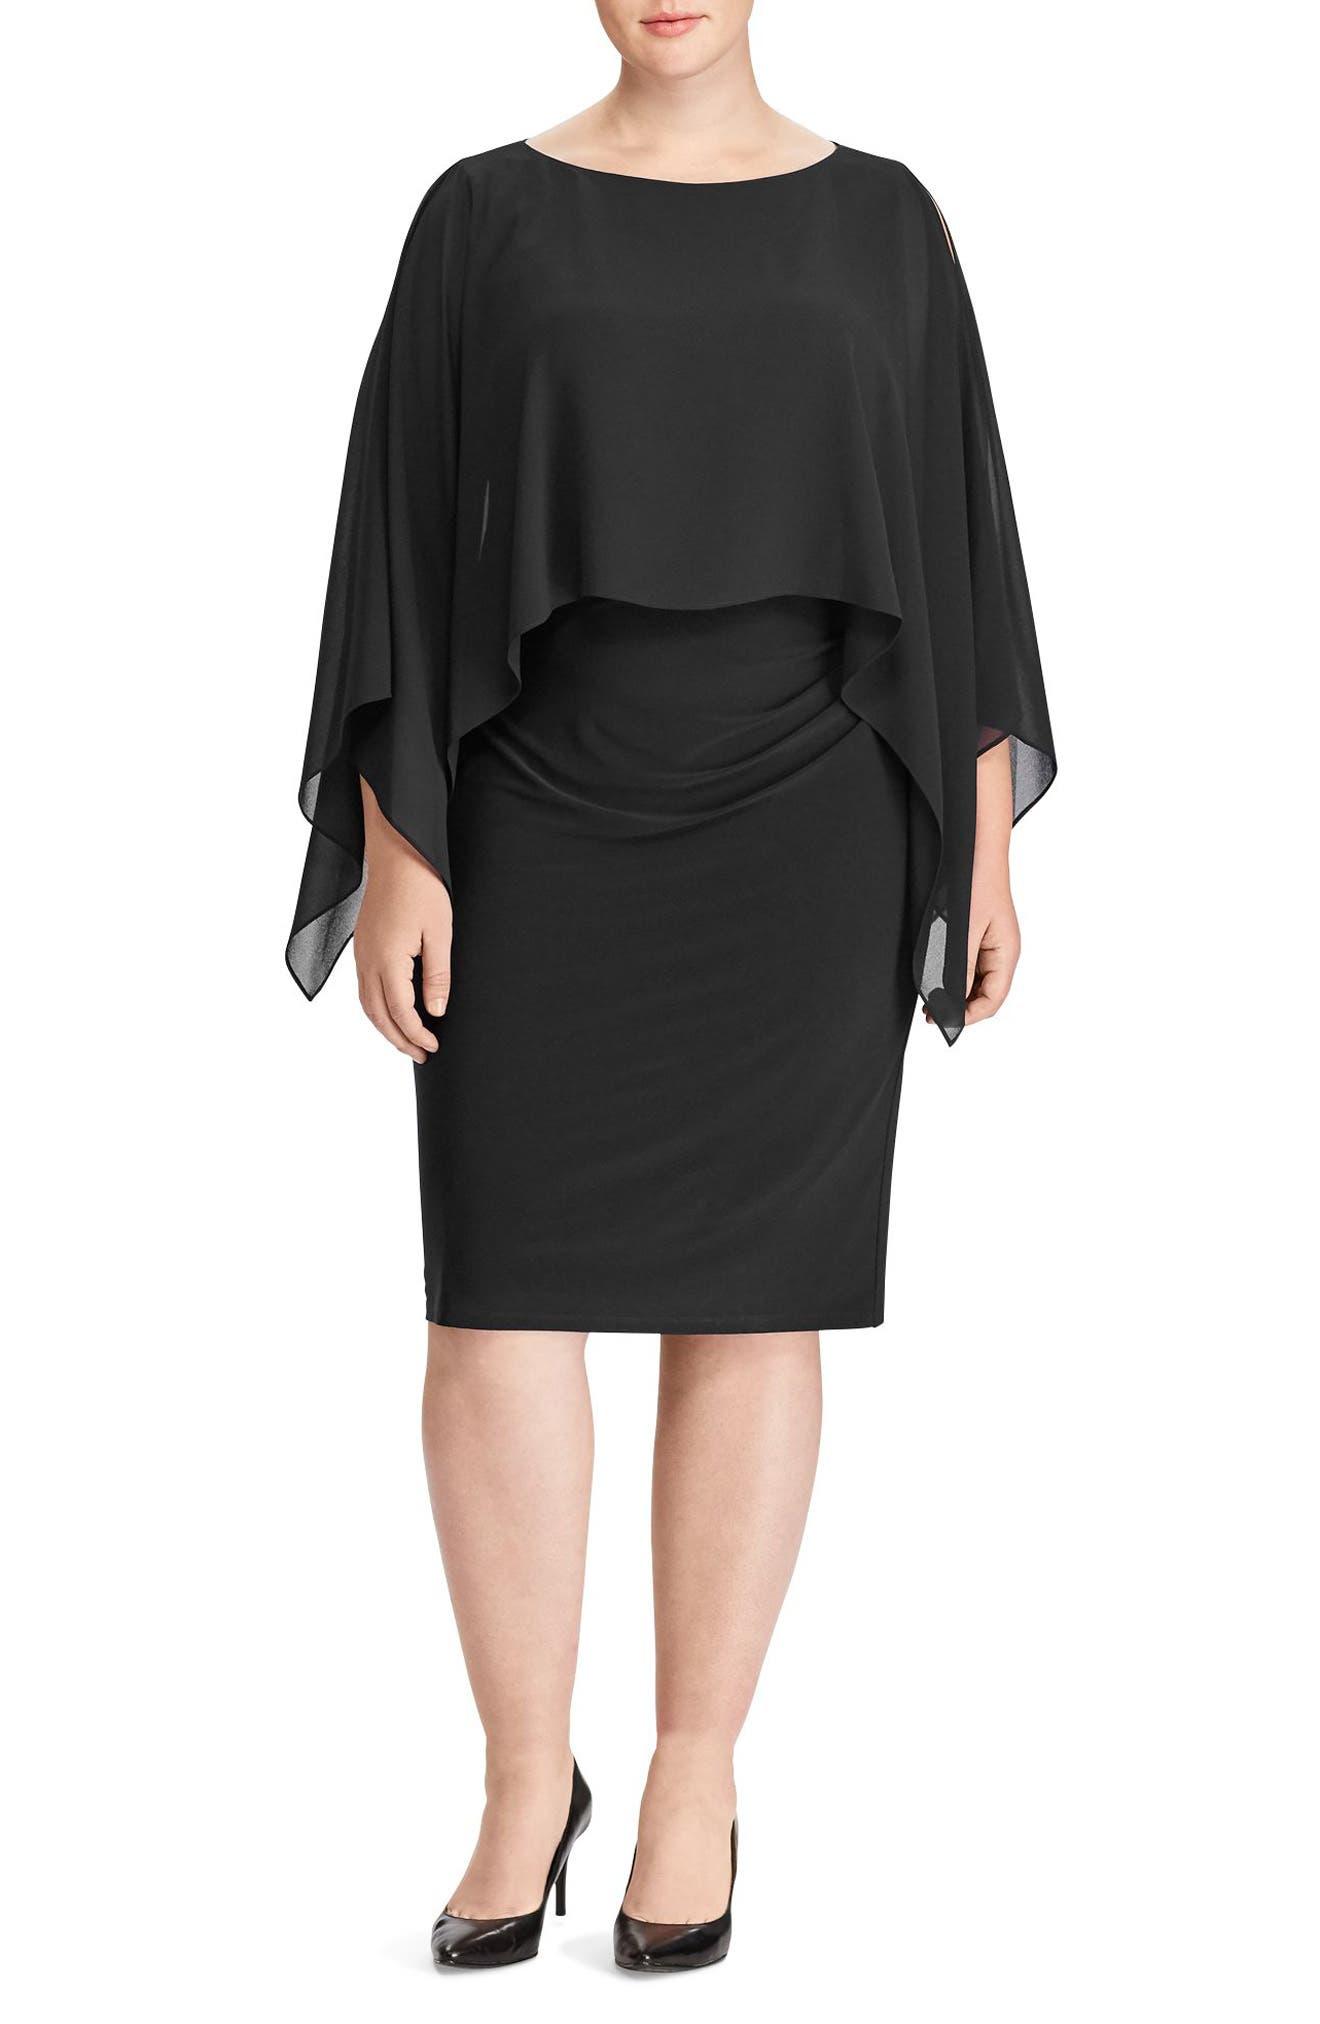 Mercinitta Dress,                         Main,                         color, Black